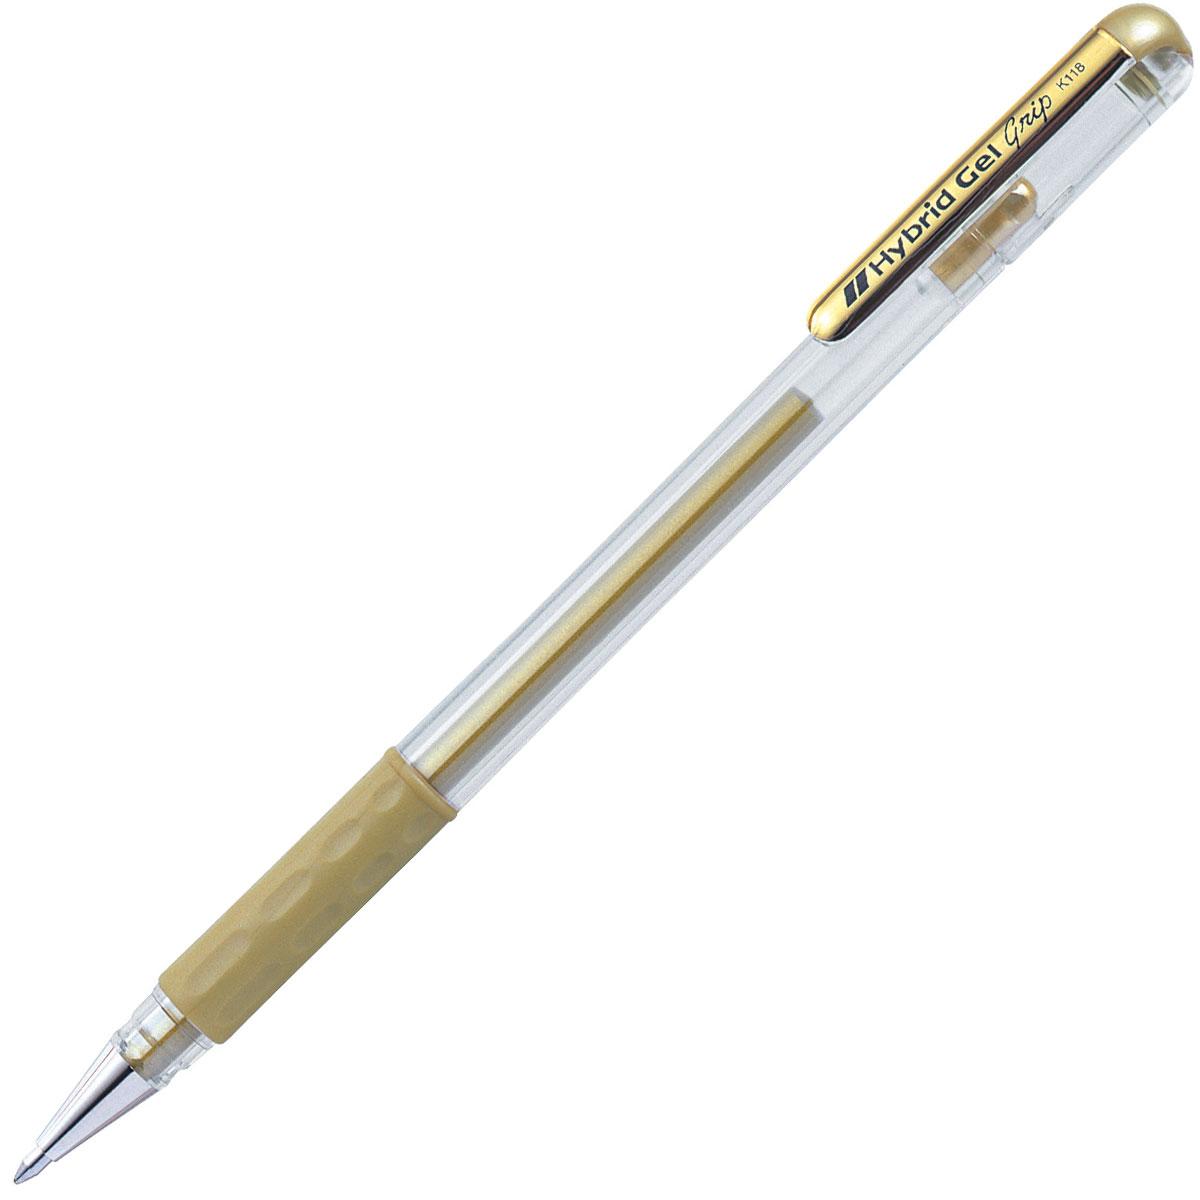 עט ג'ל מטאלי זהב Pentel K118